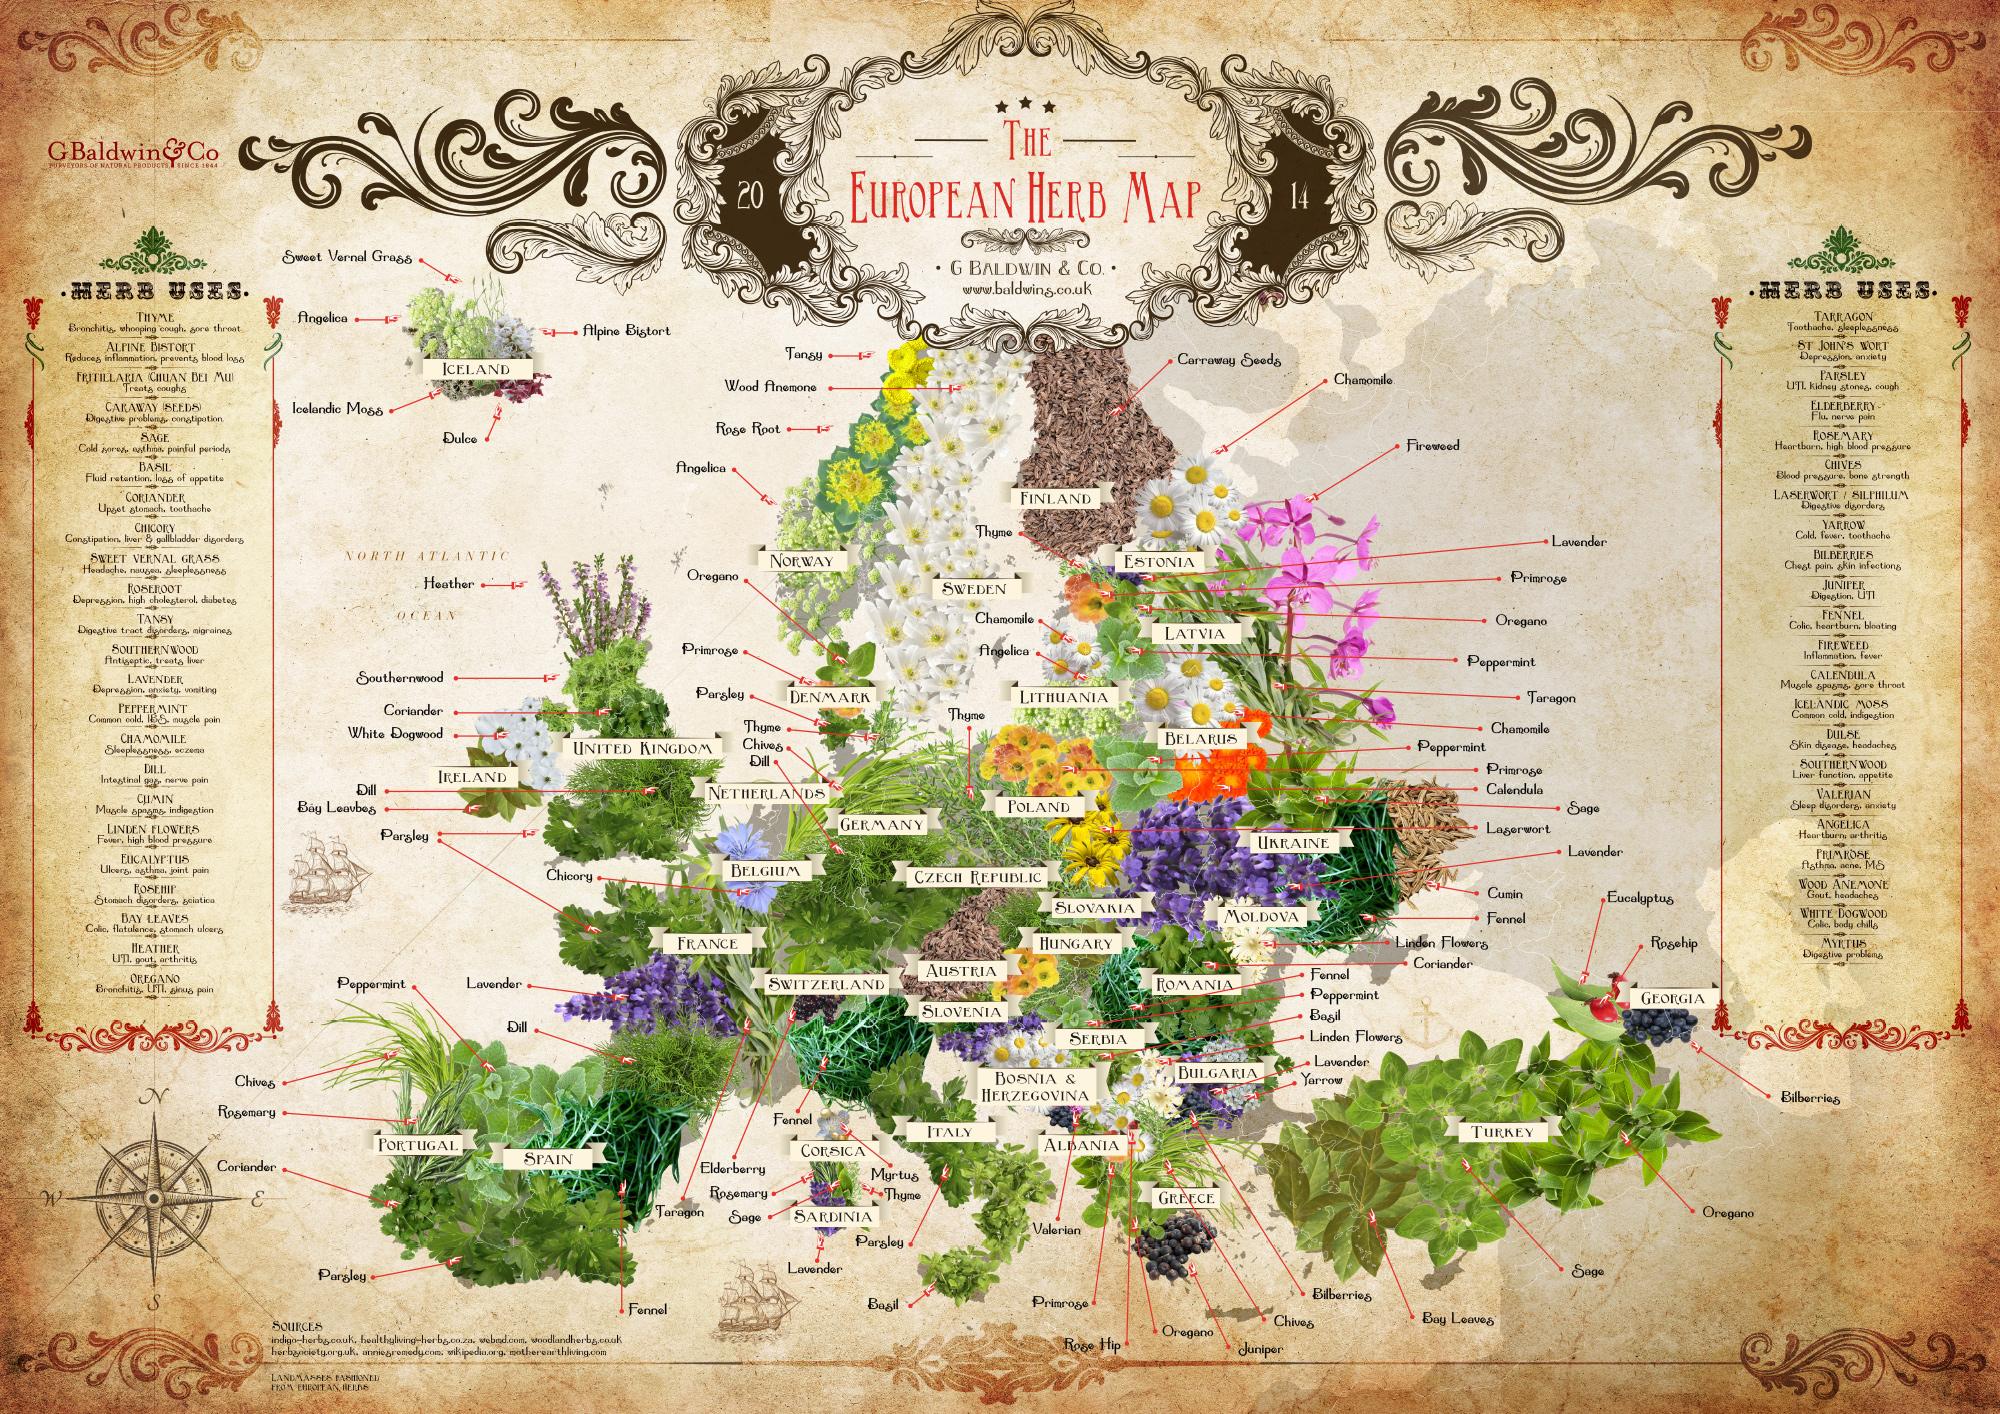 europe-herb-map